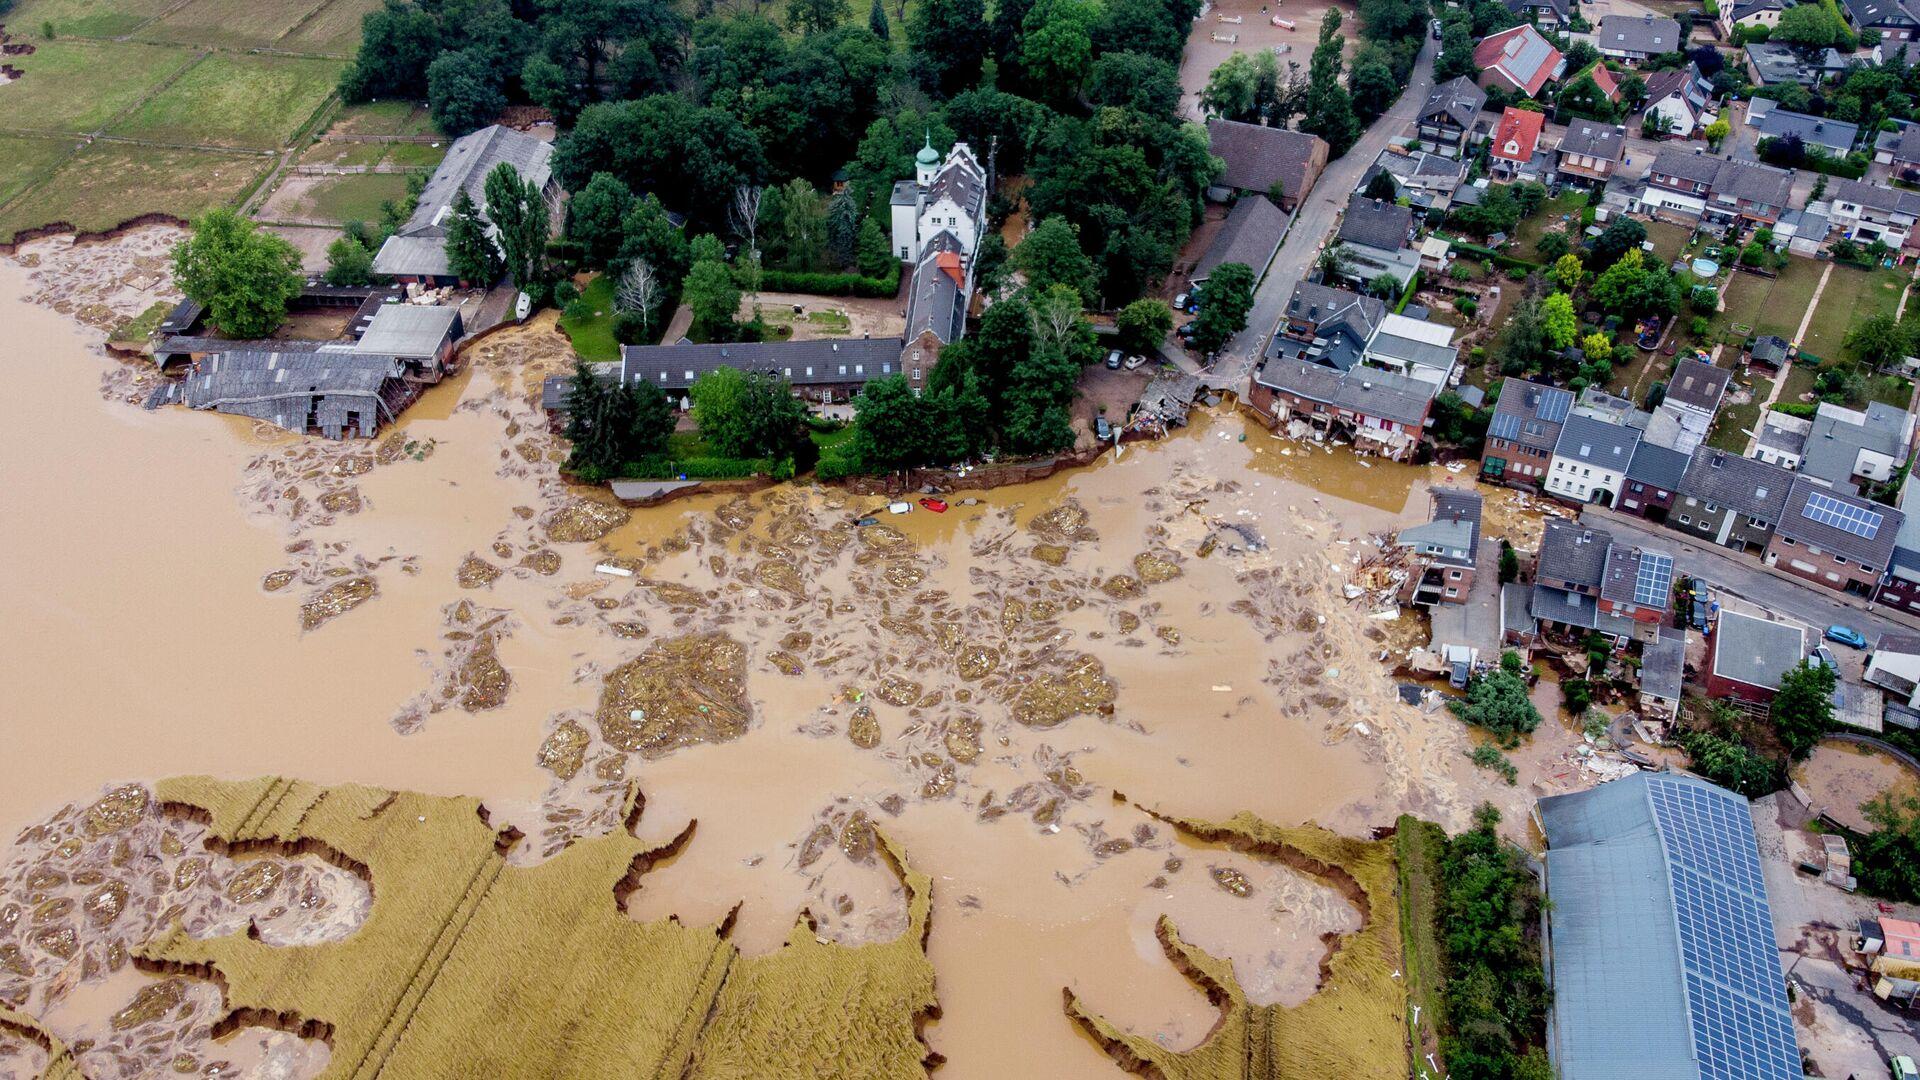 Поврежденный замок (слева) в Эрфтштадт-Блессем, Германия - РИА Новости, 1920, 15.09.2021